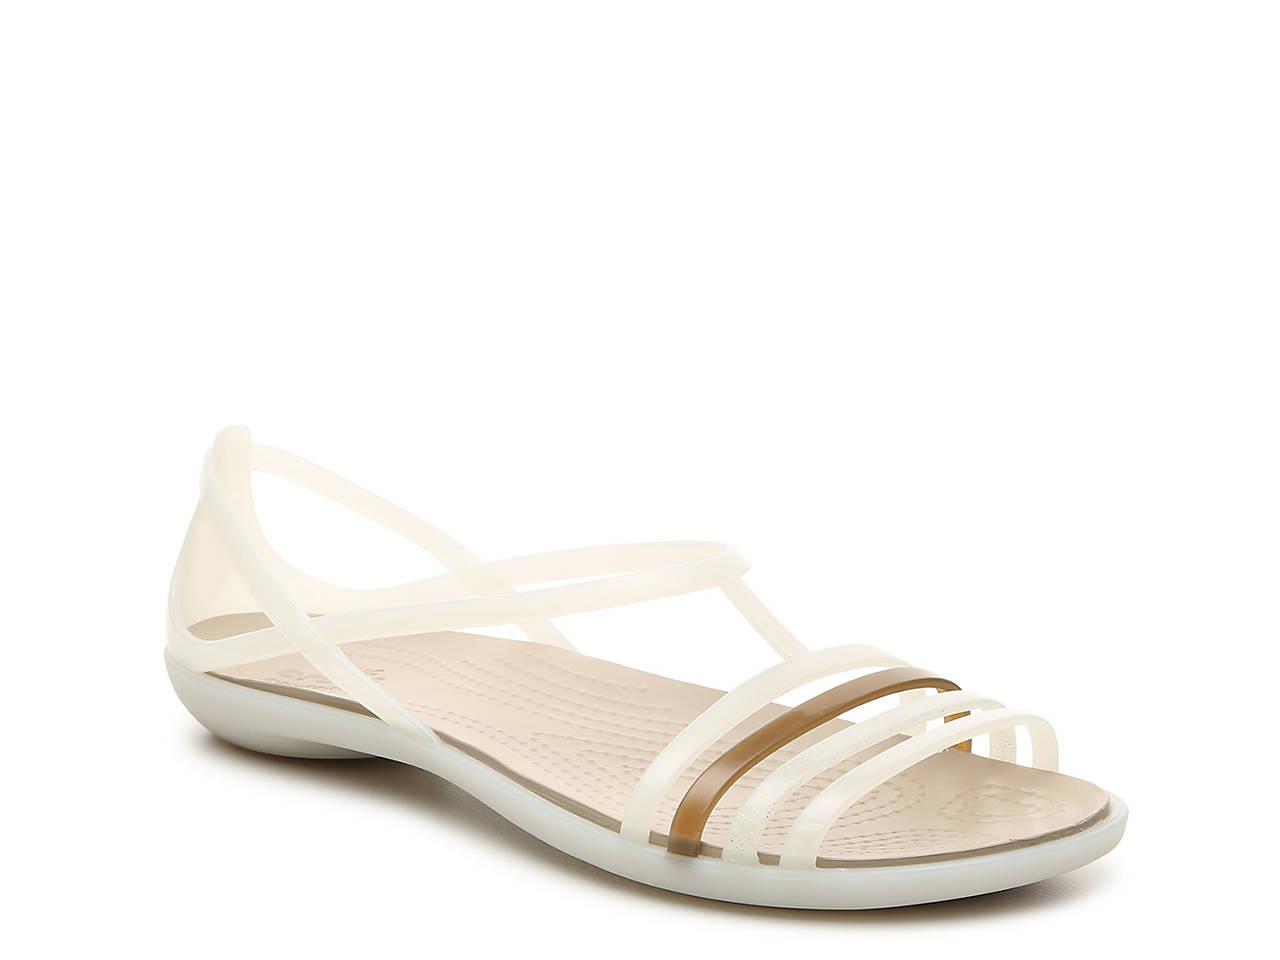 7c6b07793 Crocs Isabella Multicolor Jelly Sandal Women s Shoes